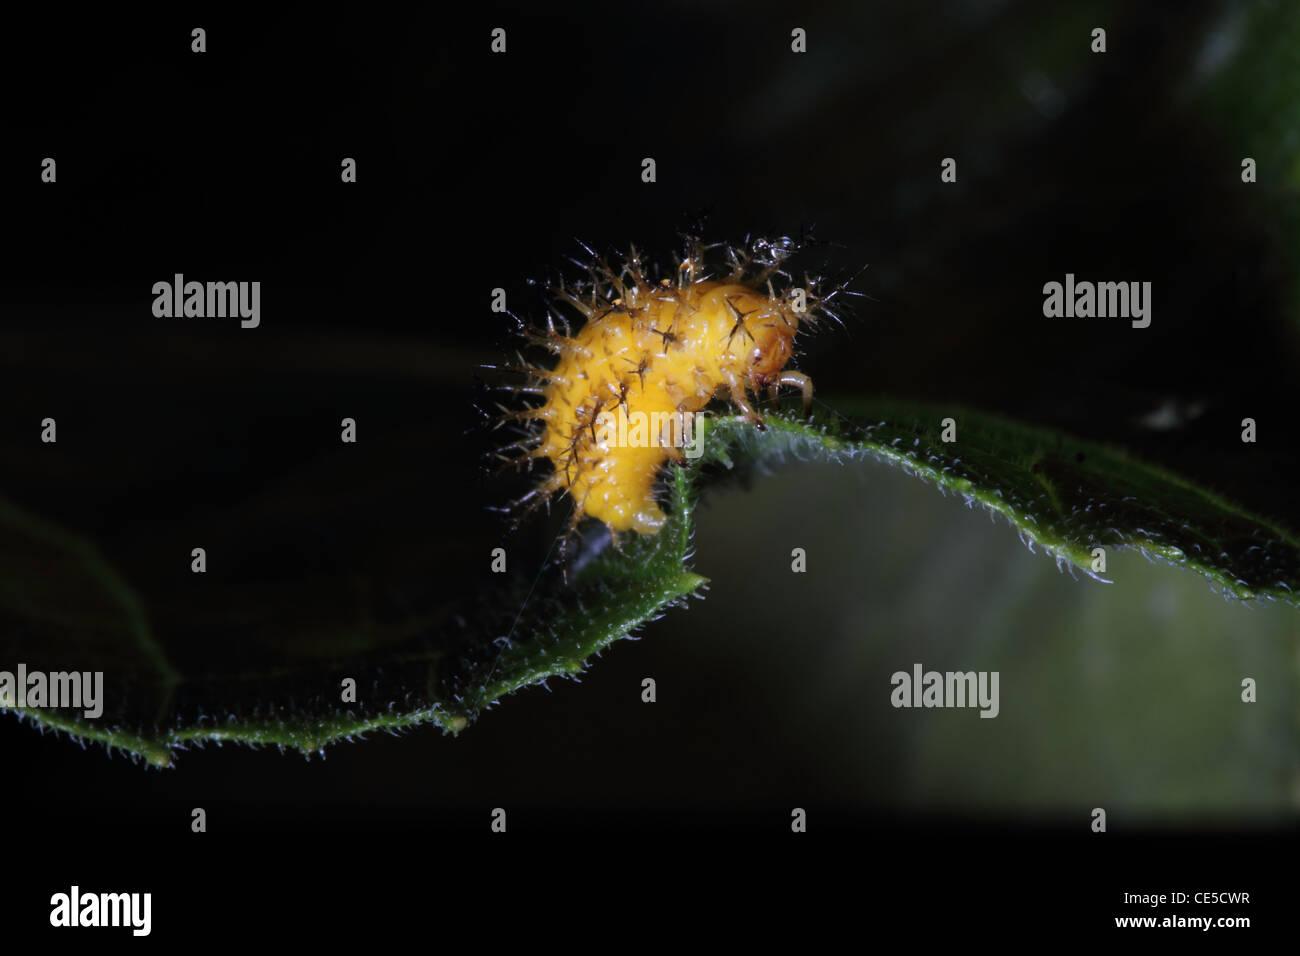 4e6b03857d3c 28-tipo Potato Coccinella - Epilachna vigintioctopunctata (sinonimo  Henosepilachna vigintioctopunctata) larva · Gerry Pearce / Alamy Foto Stock